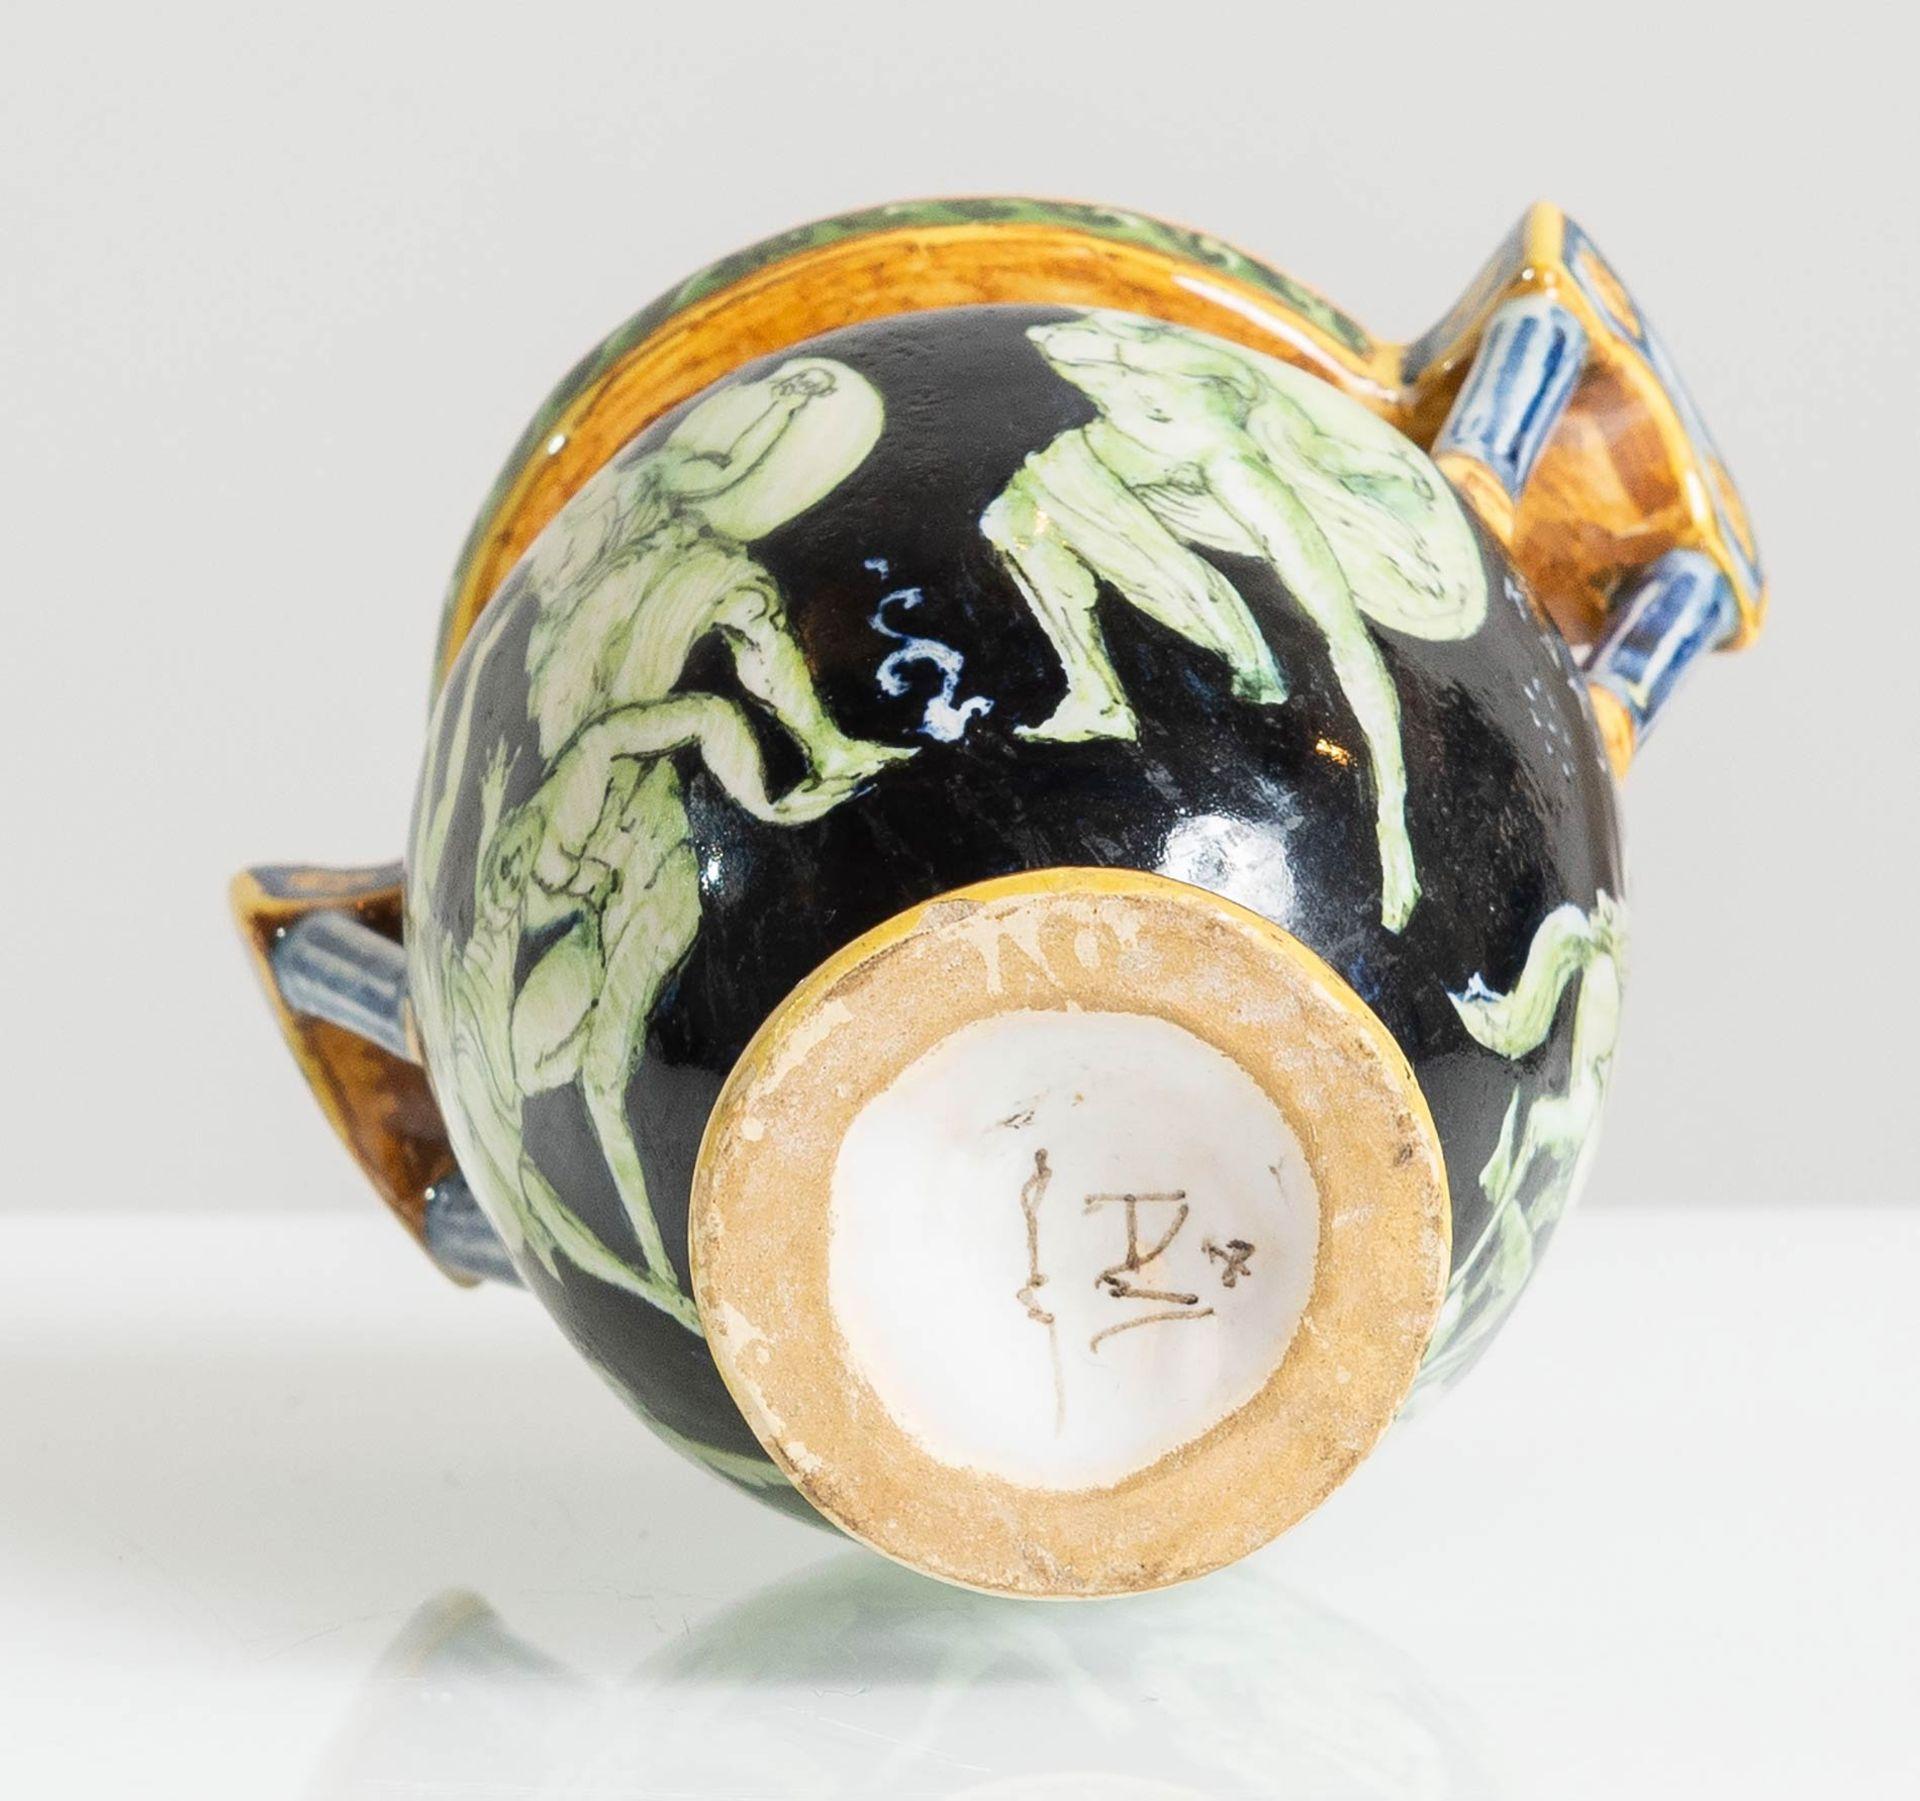 Los 2 - Manifattura Minghetti - Bologna, Vasetto a cratere in ceramica, inizio del XX sec.